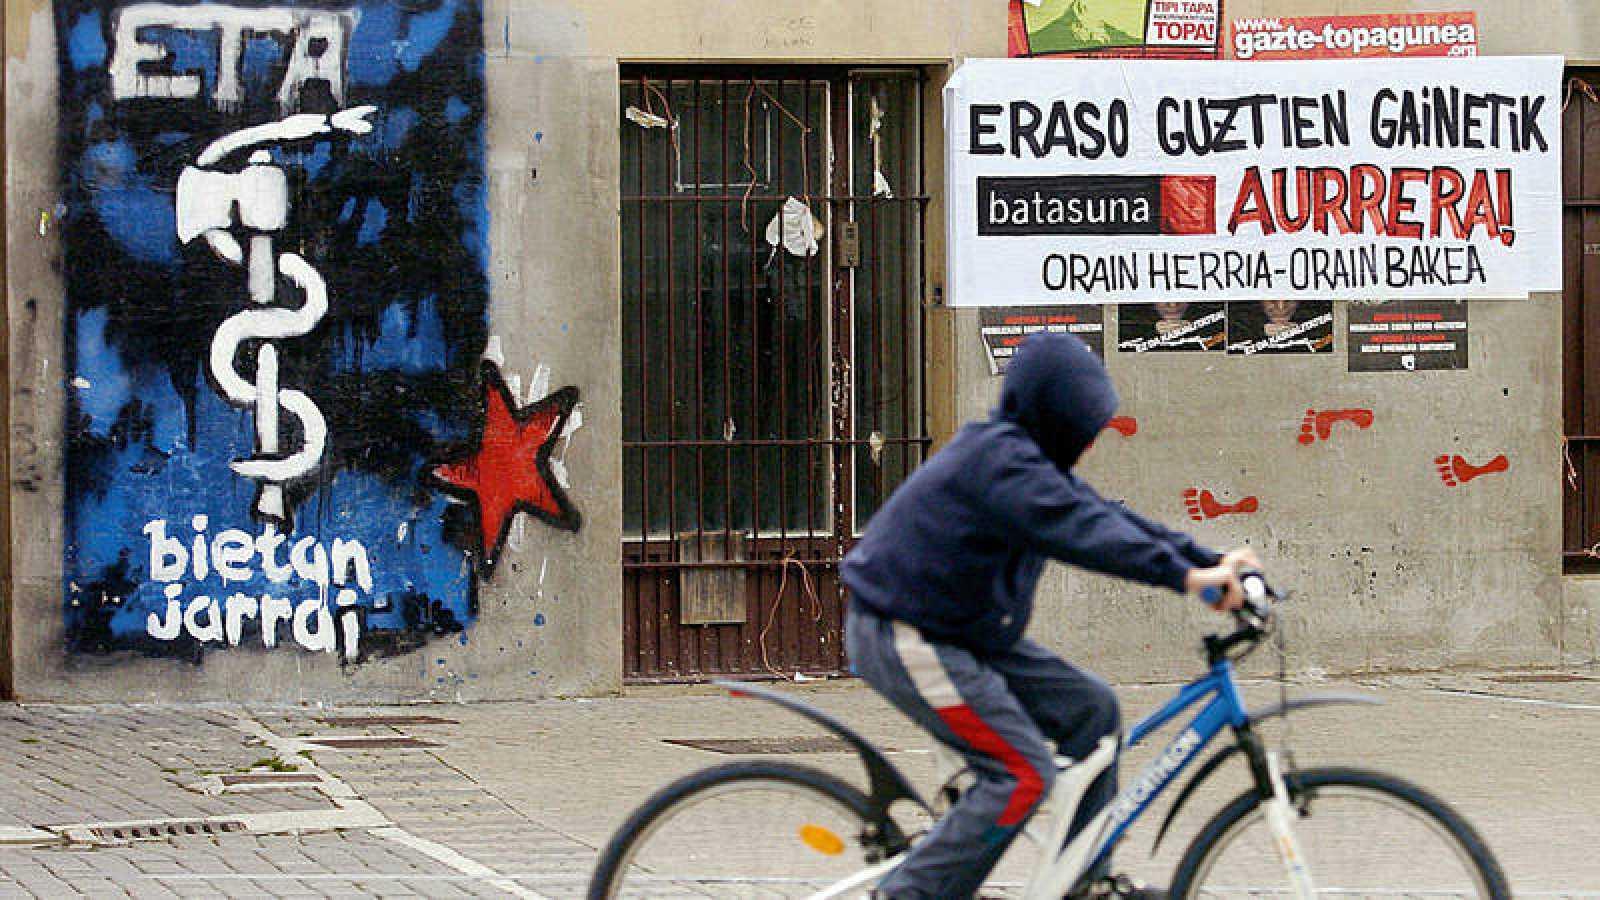 La herida social que ETA dejó en el País Vasco | RTVE